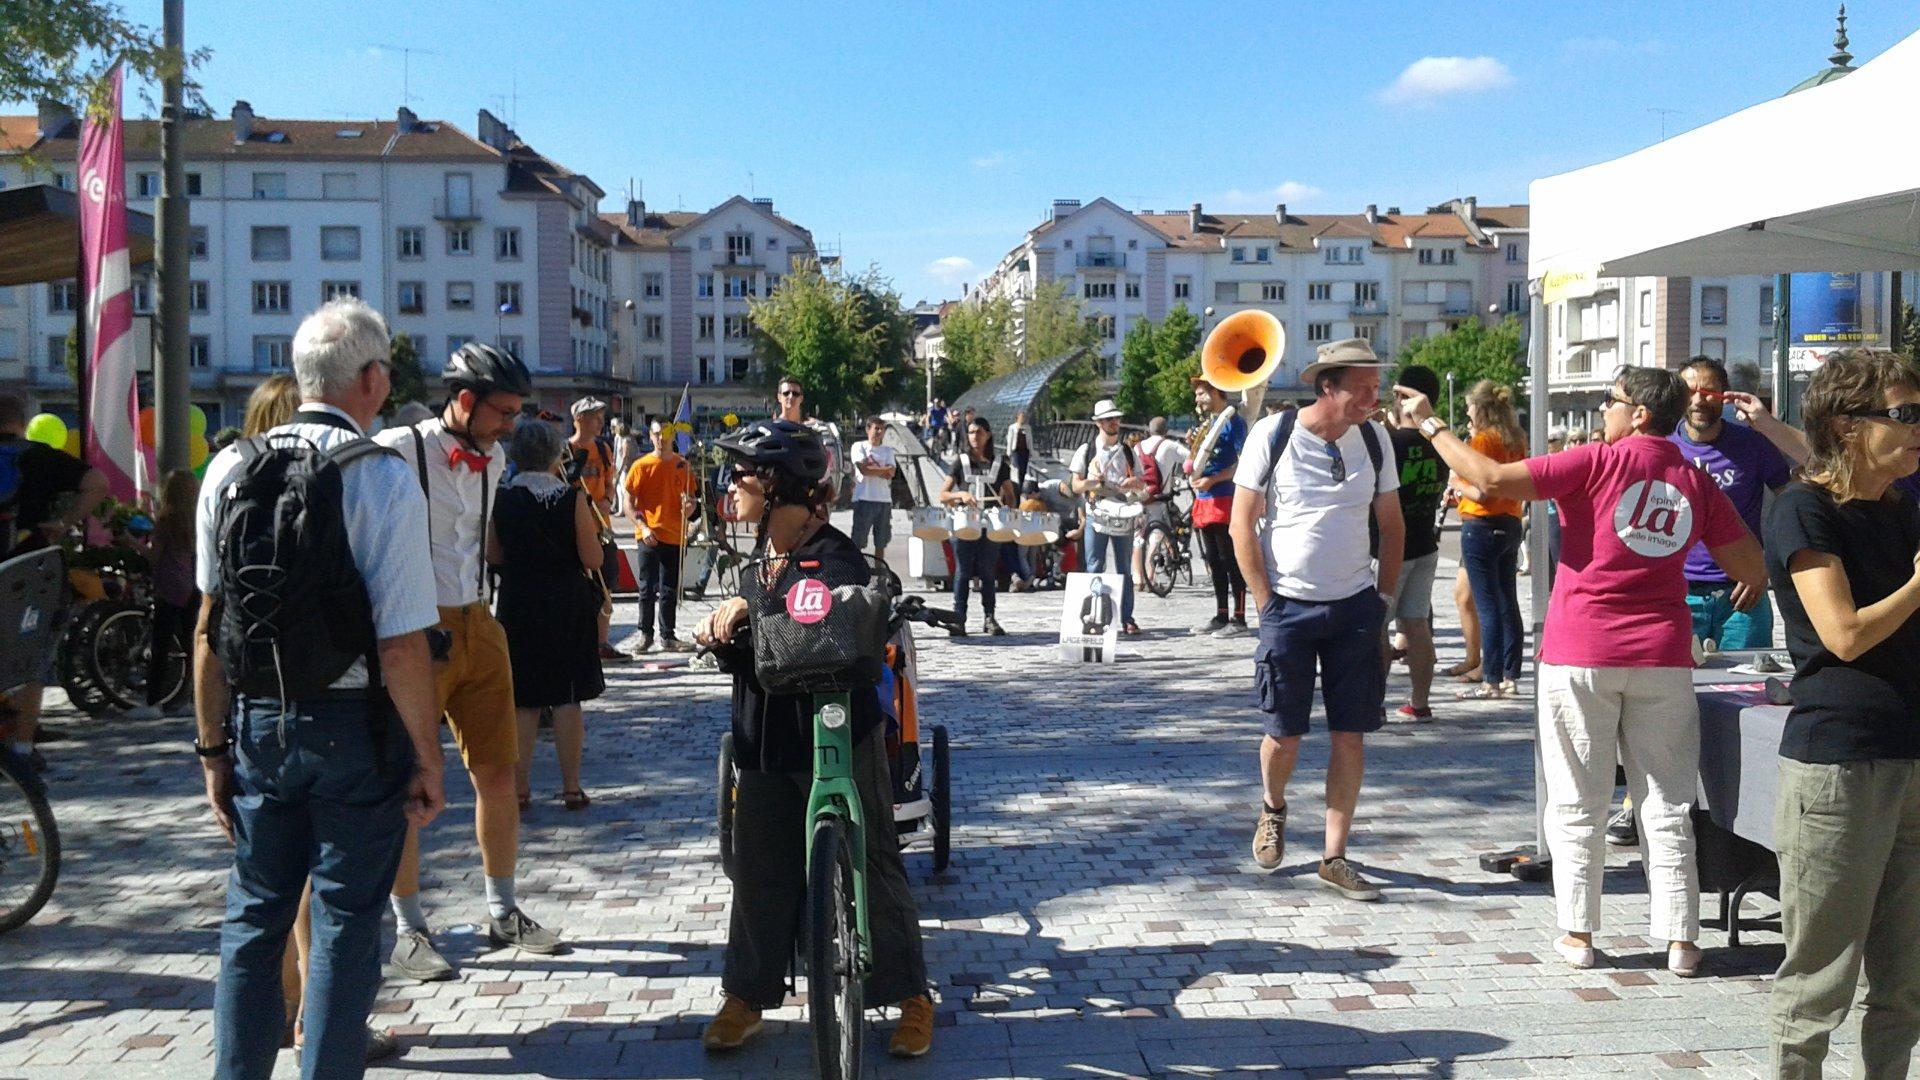 L'orchestre de l'ENSTIB a participé à la bonne humeur ambiante.